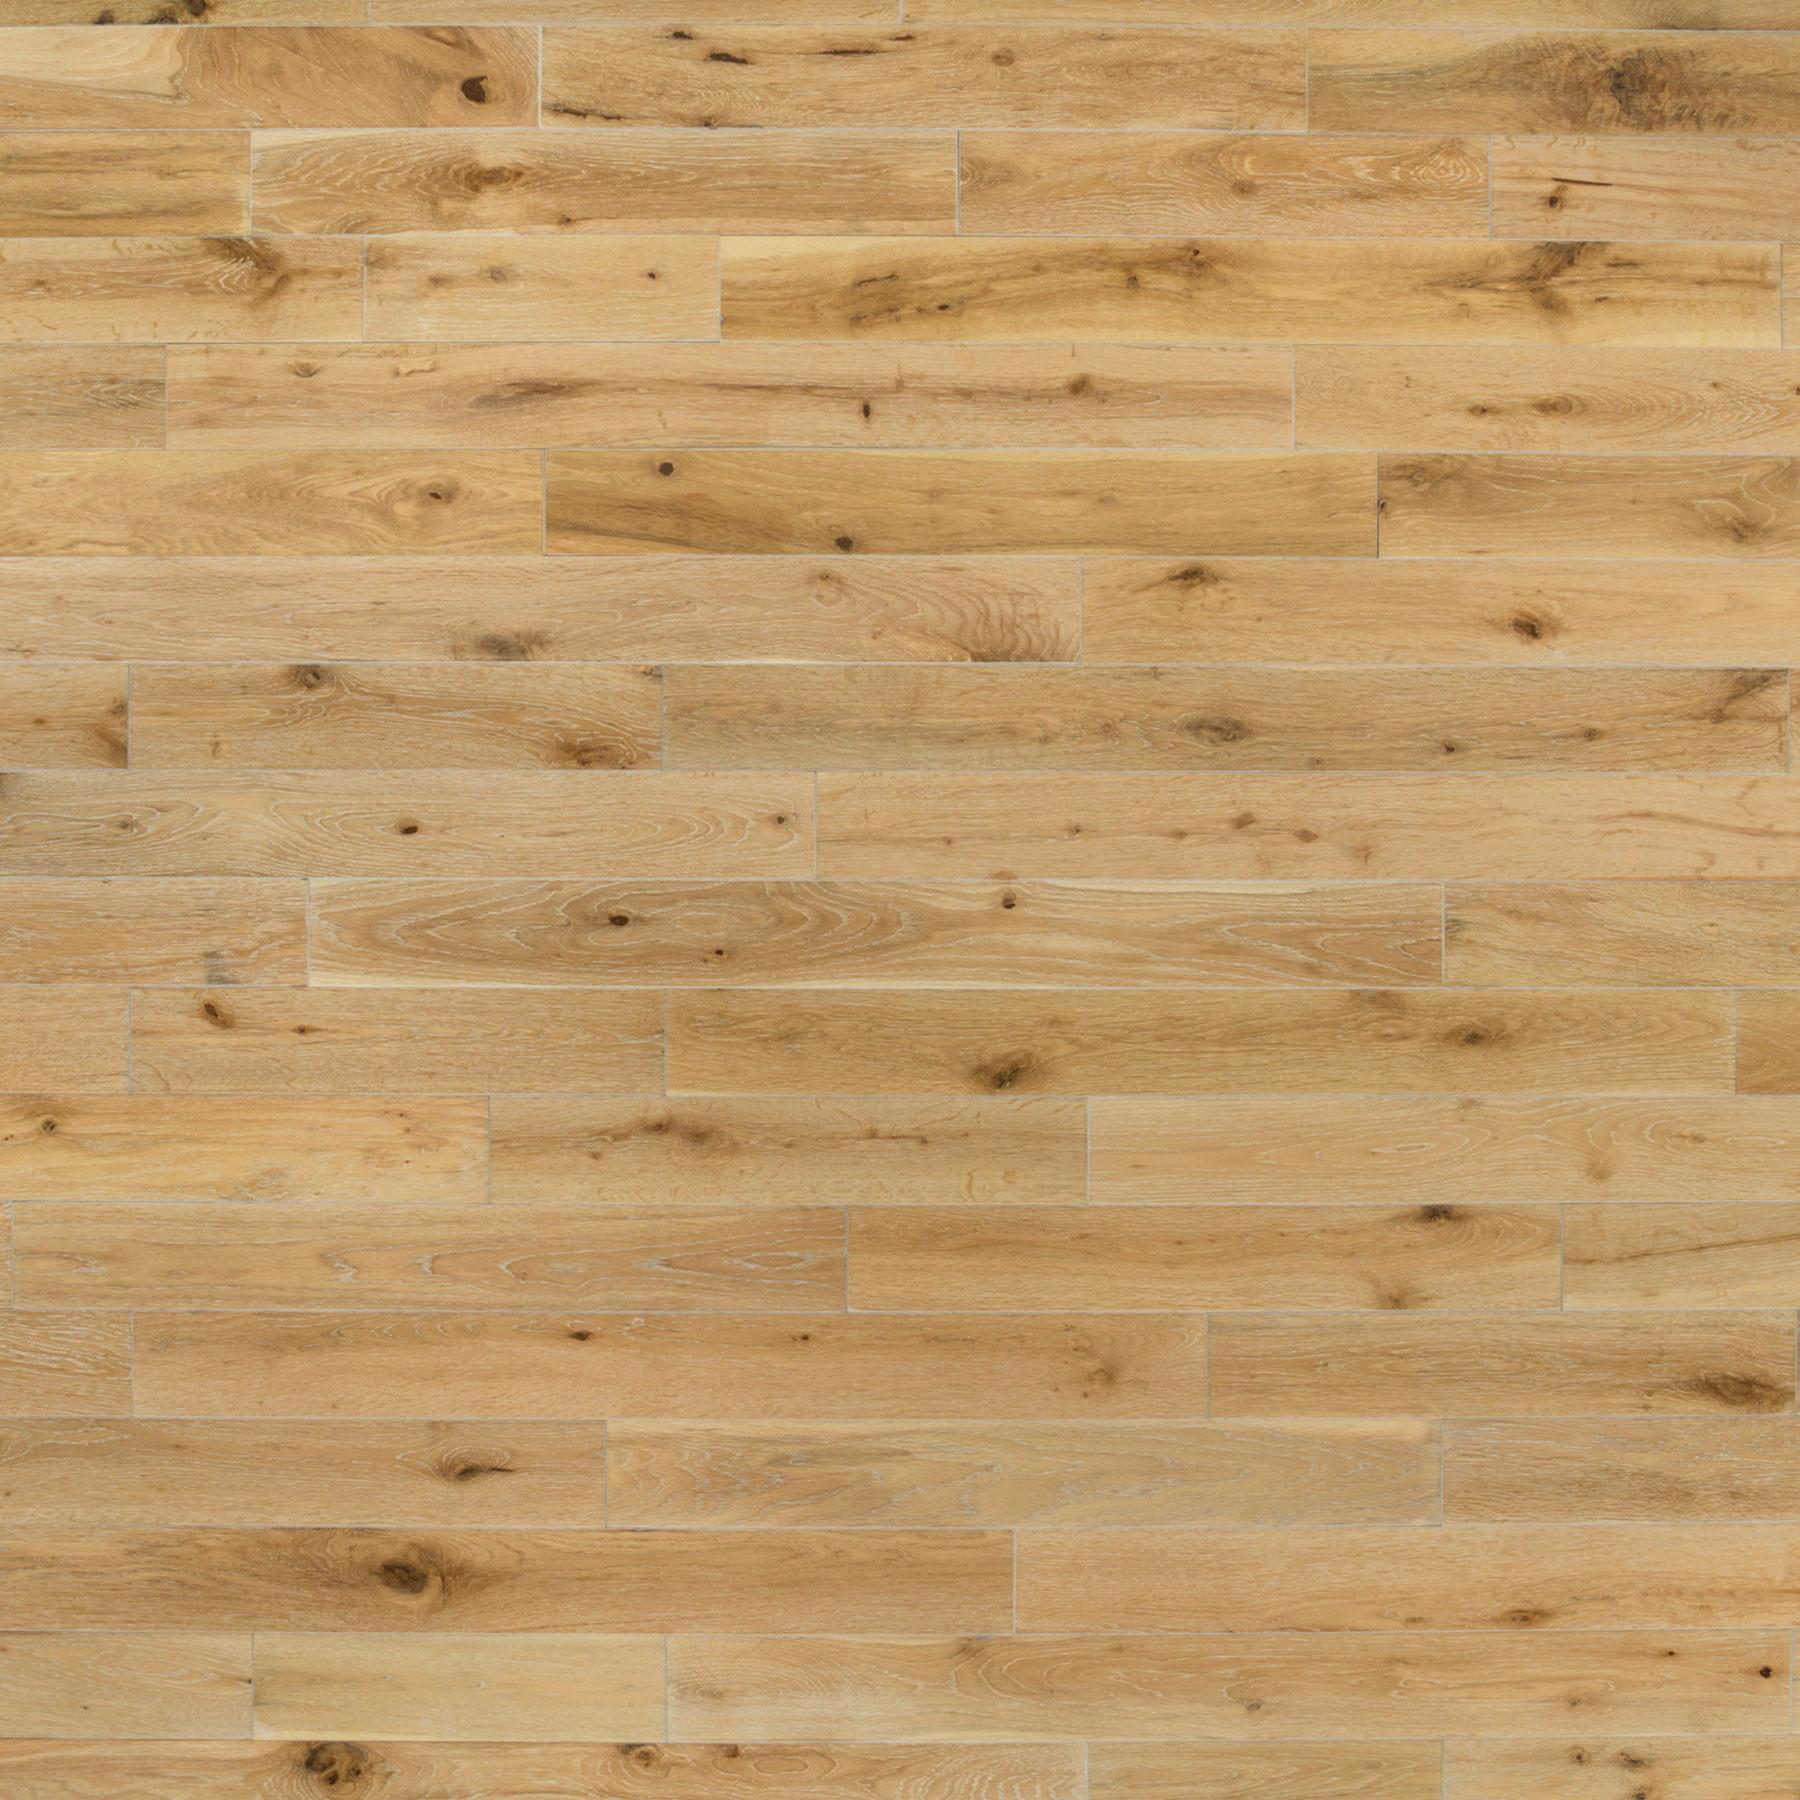 27 Stunning White Oak Hardwood Flooring 2021 free download white oak hardwood flooring of harbor oak 3 1 2e280b3 white oak white washed etx surfaces intended for harbor oak 3 1 2e280b3 white oak white washed